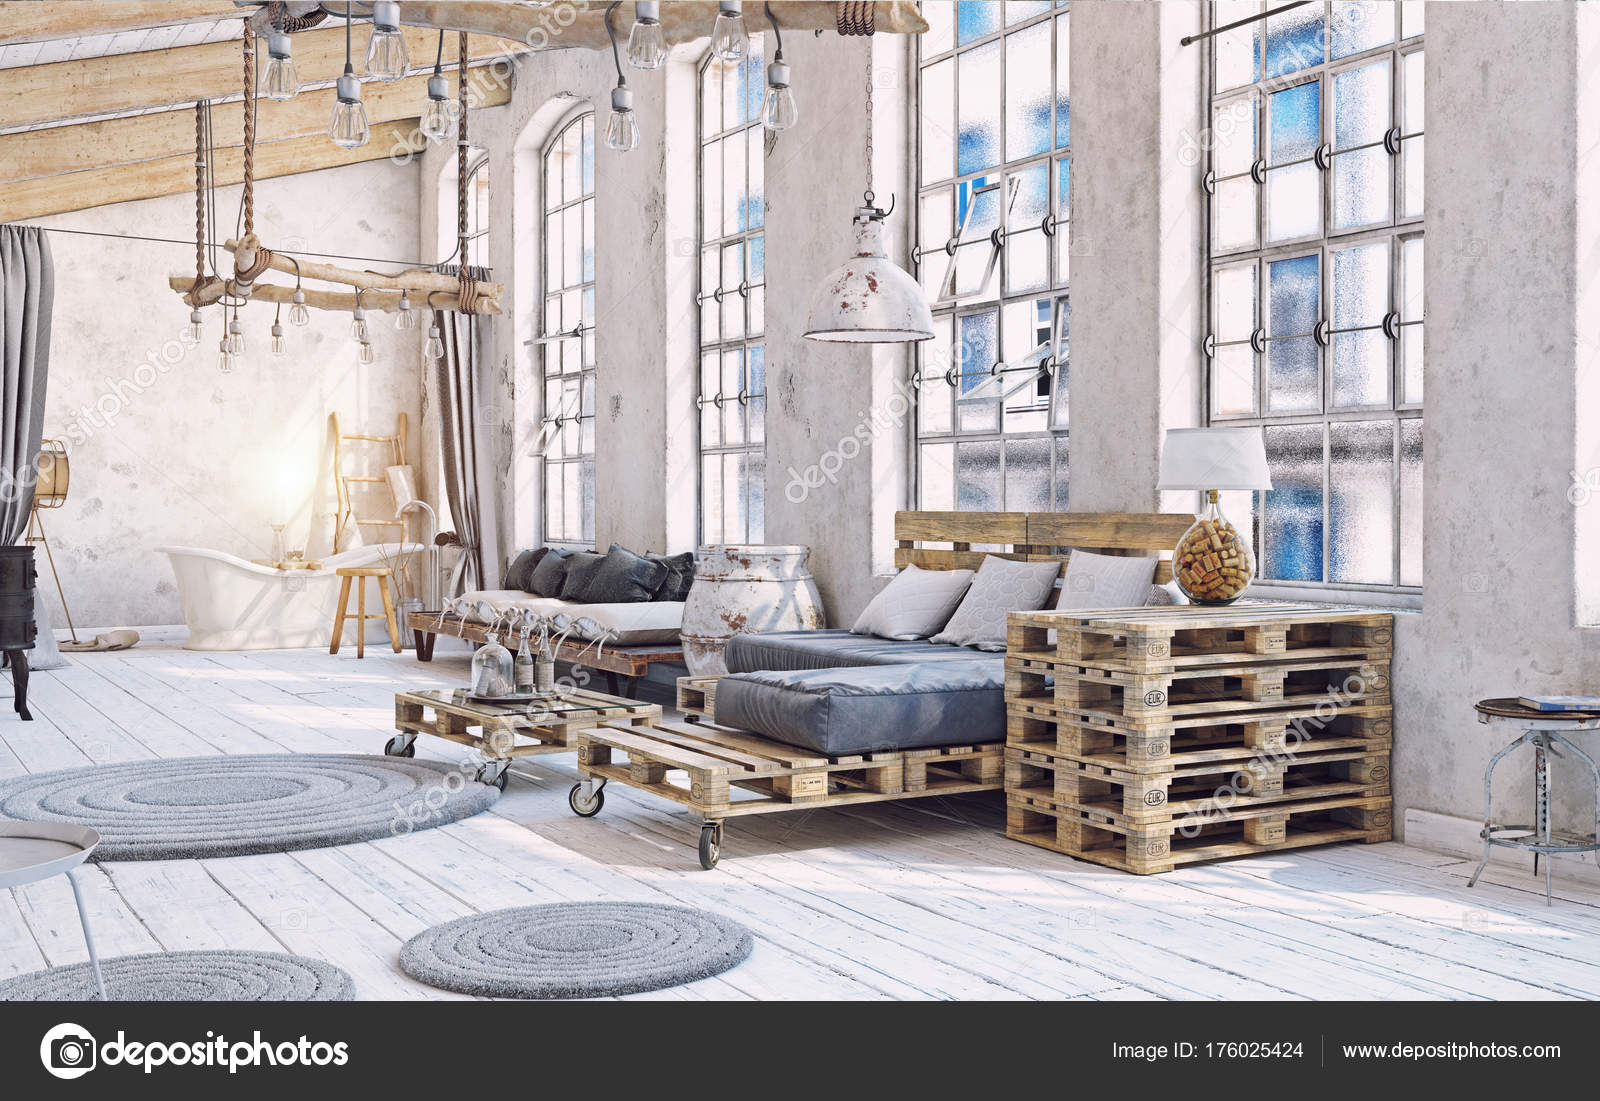 https://st3.depositphotos.com/1009647/17602/i/1600/depositphotos_176025424-stockafbeelding-zolder-woonkamer-interieur-pallet-meubelen.jpg